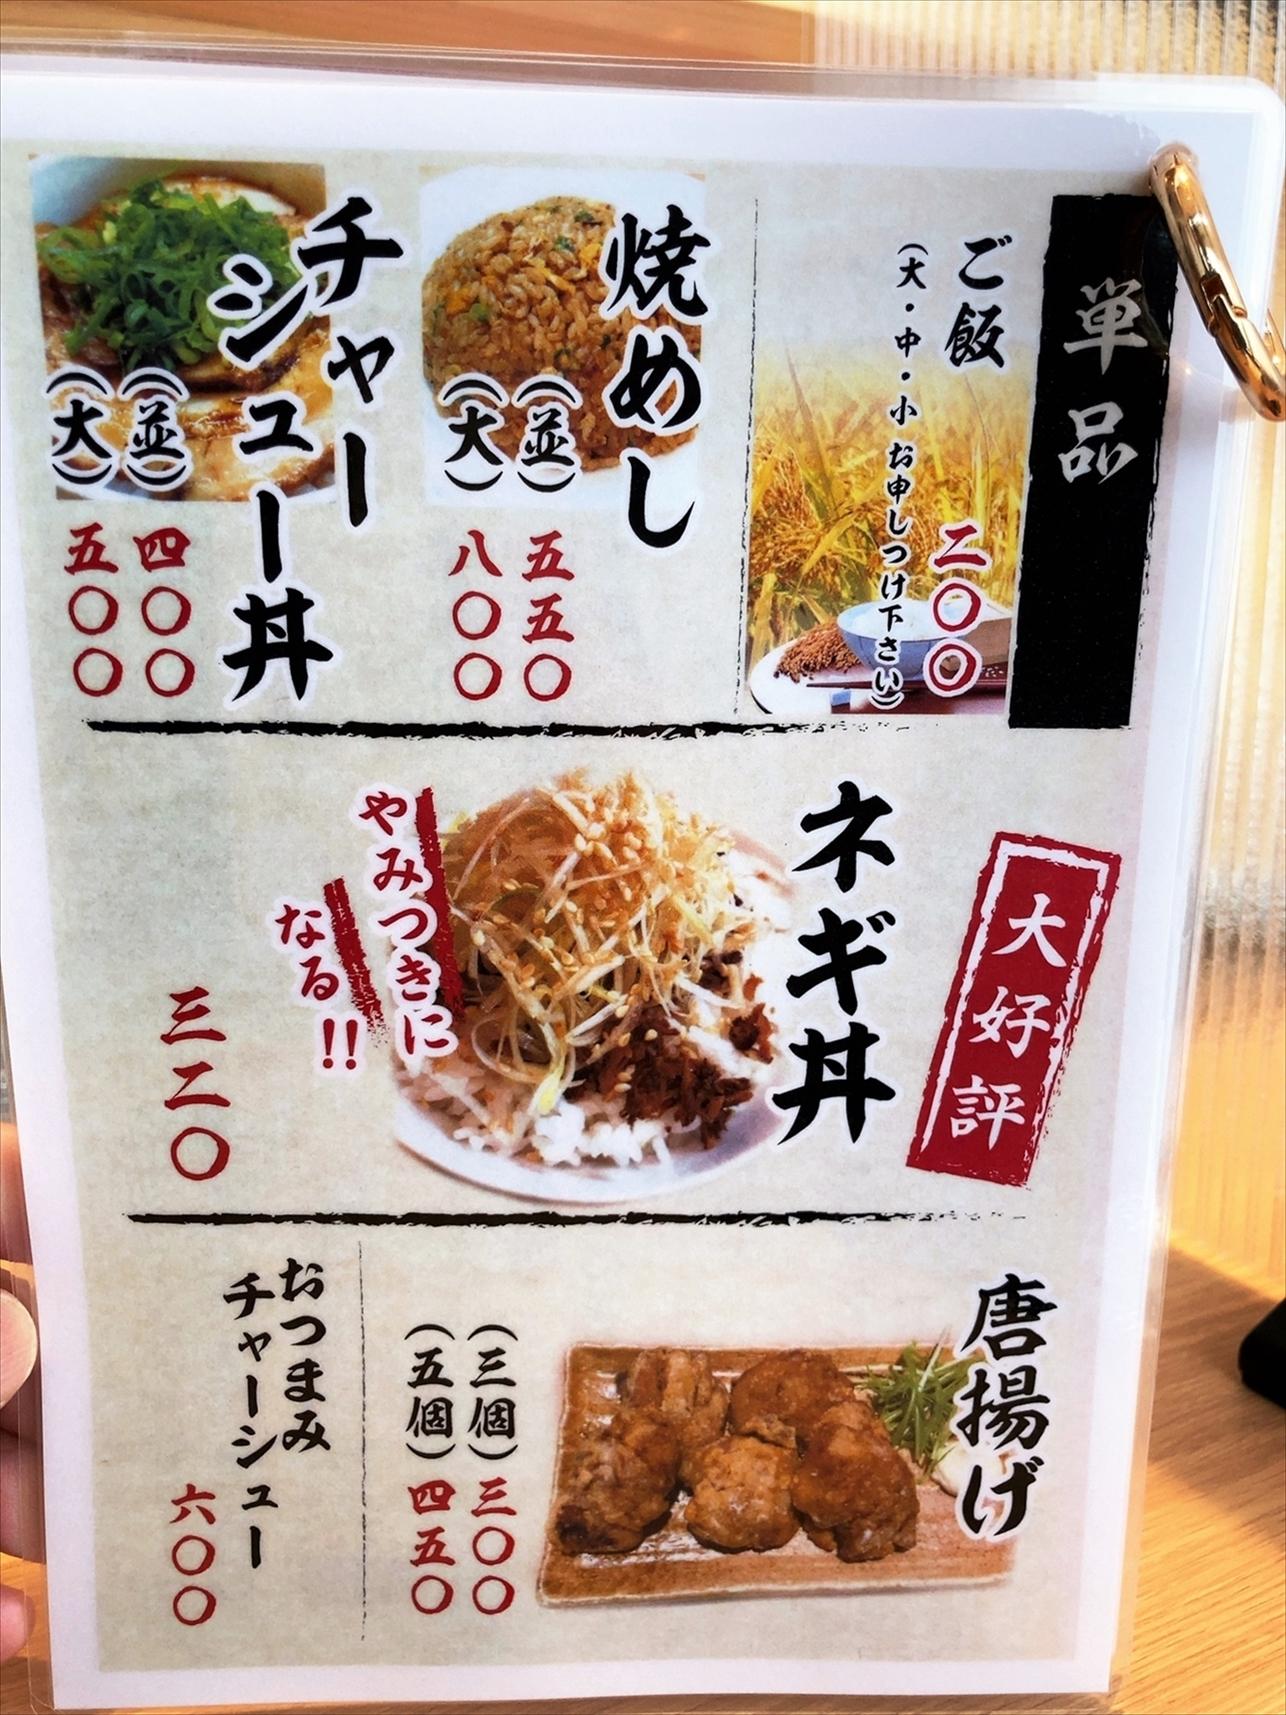 京都 麺や 向日葵のメニュー7